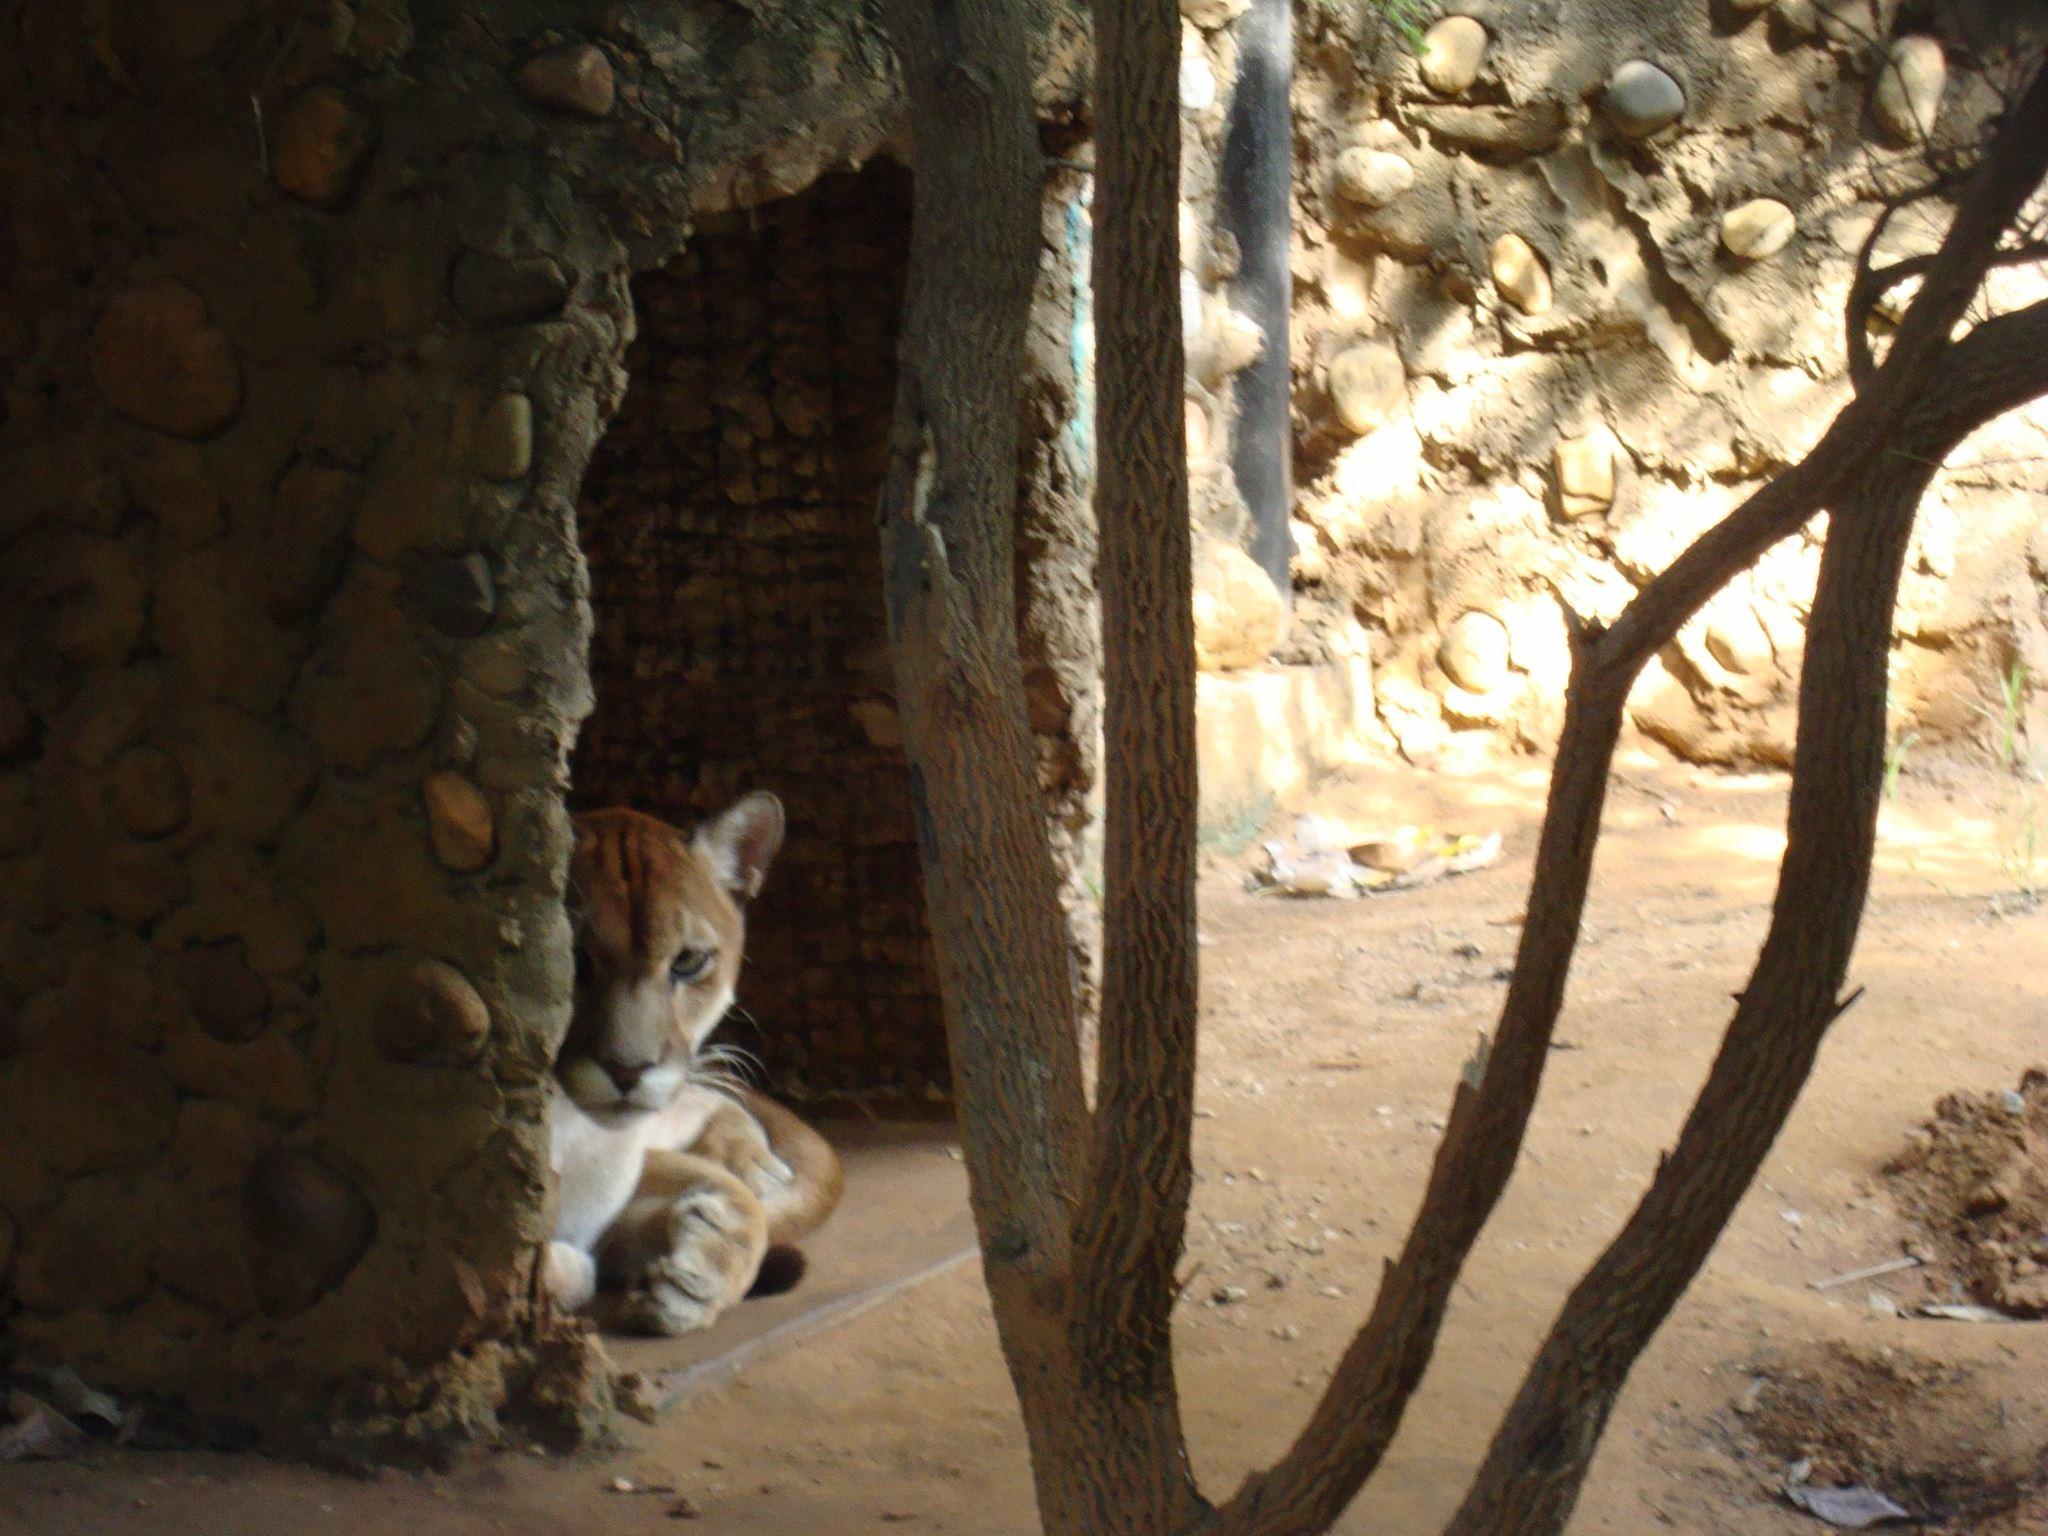 Los felinos eran parte del atractivo del zoológico de Zulia. La imagen es del año 2016. Foto: Parque Metropolitano del Estado de Zulia.